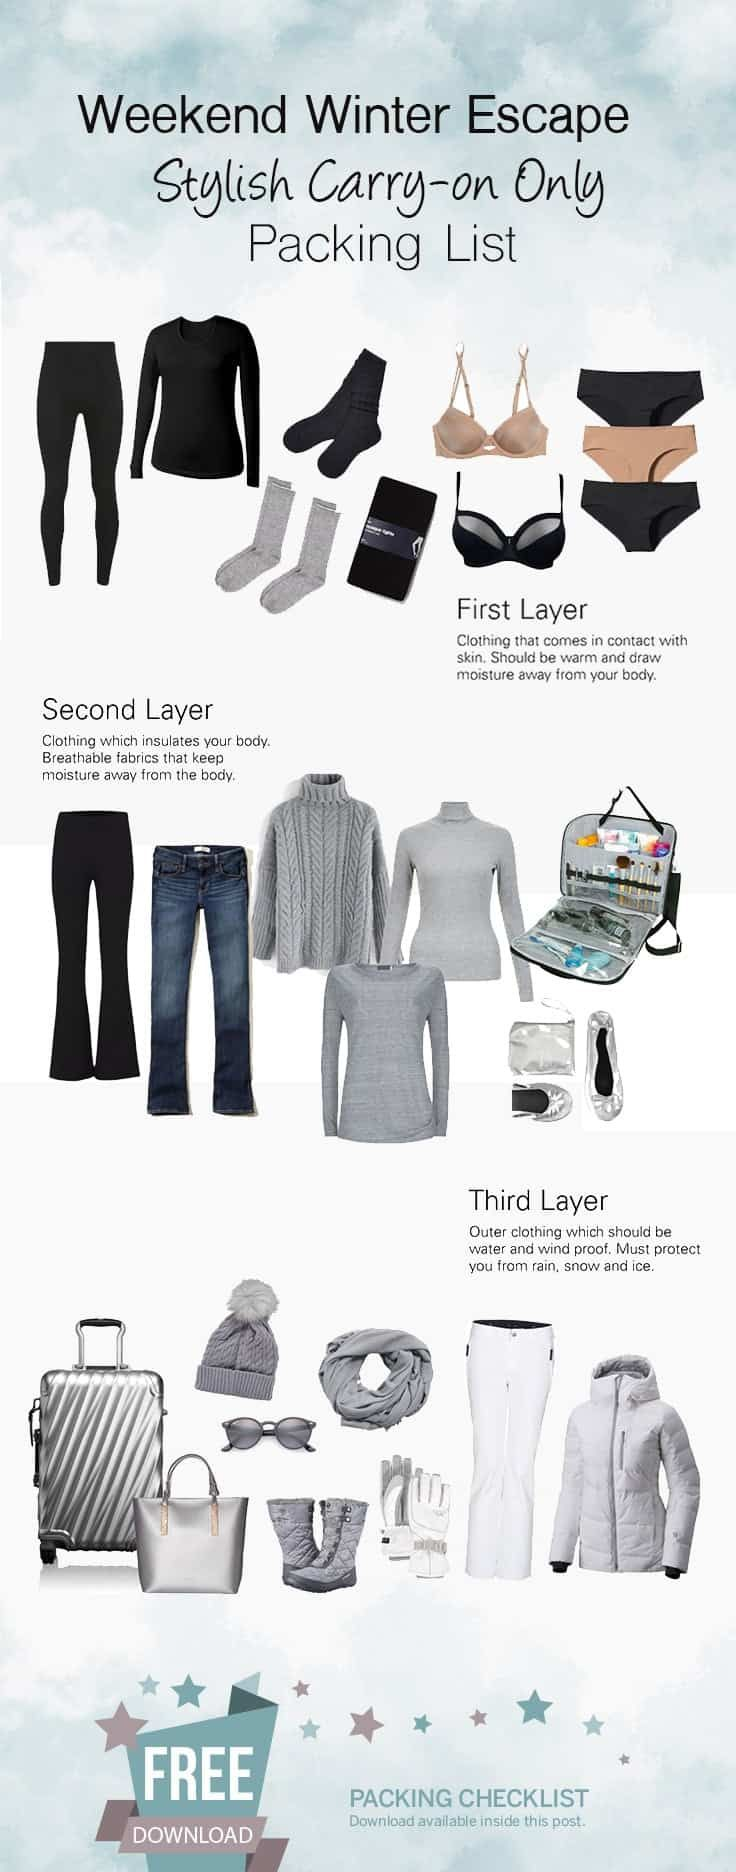 Precisa fazer as malas para uma escapadela curta de inverno? Confira nossa mala de inverno elegante …   – Winter Ideas for Tahoe